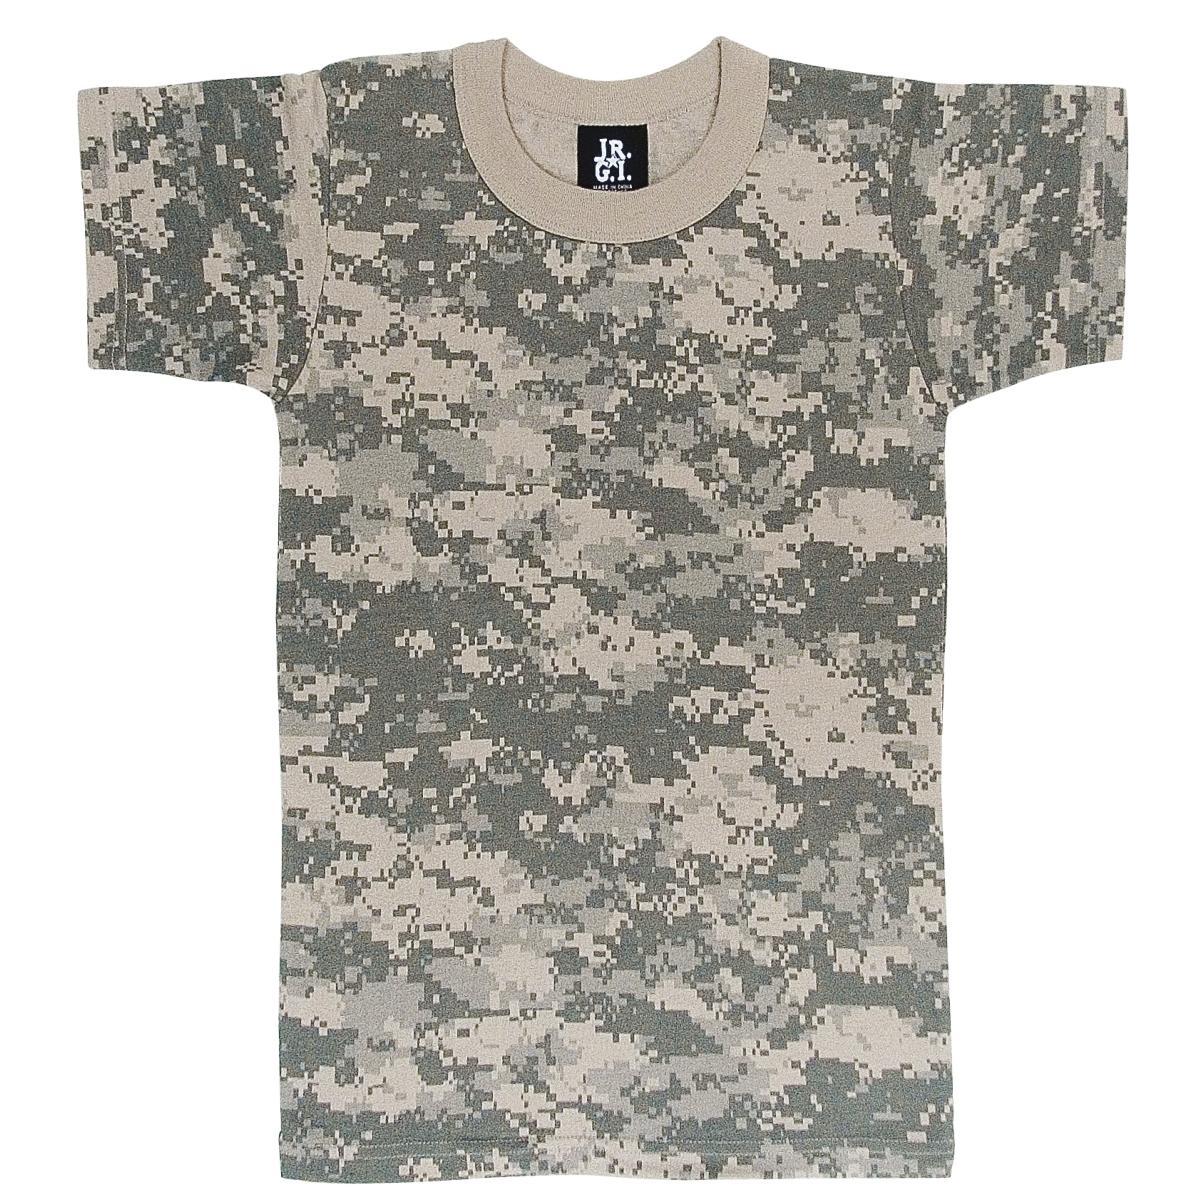 d870c1f0 Details about Boys Digital Camouflage Army Combat Uniform T-Shirt